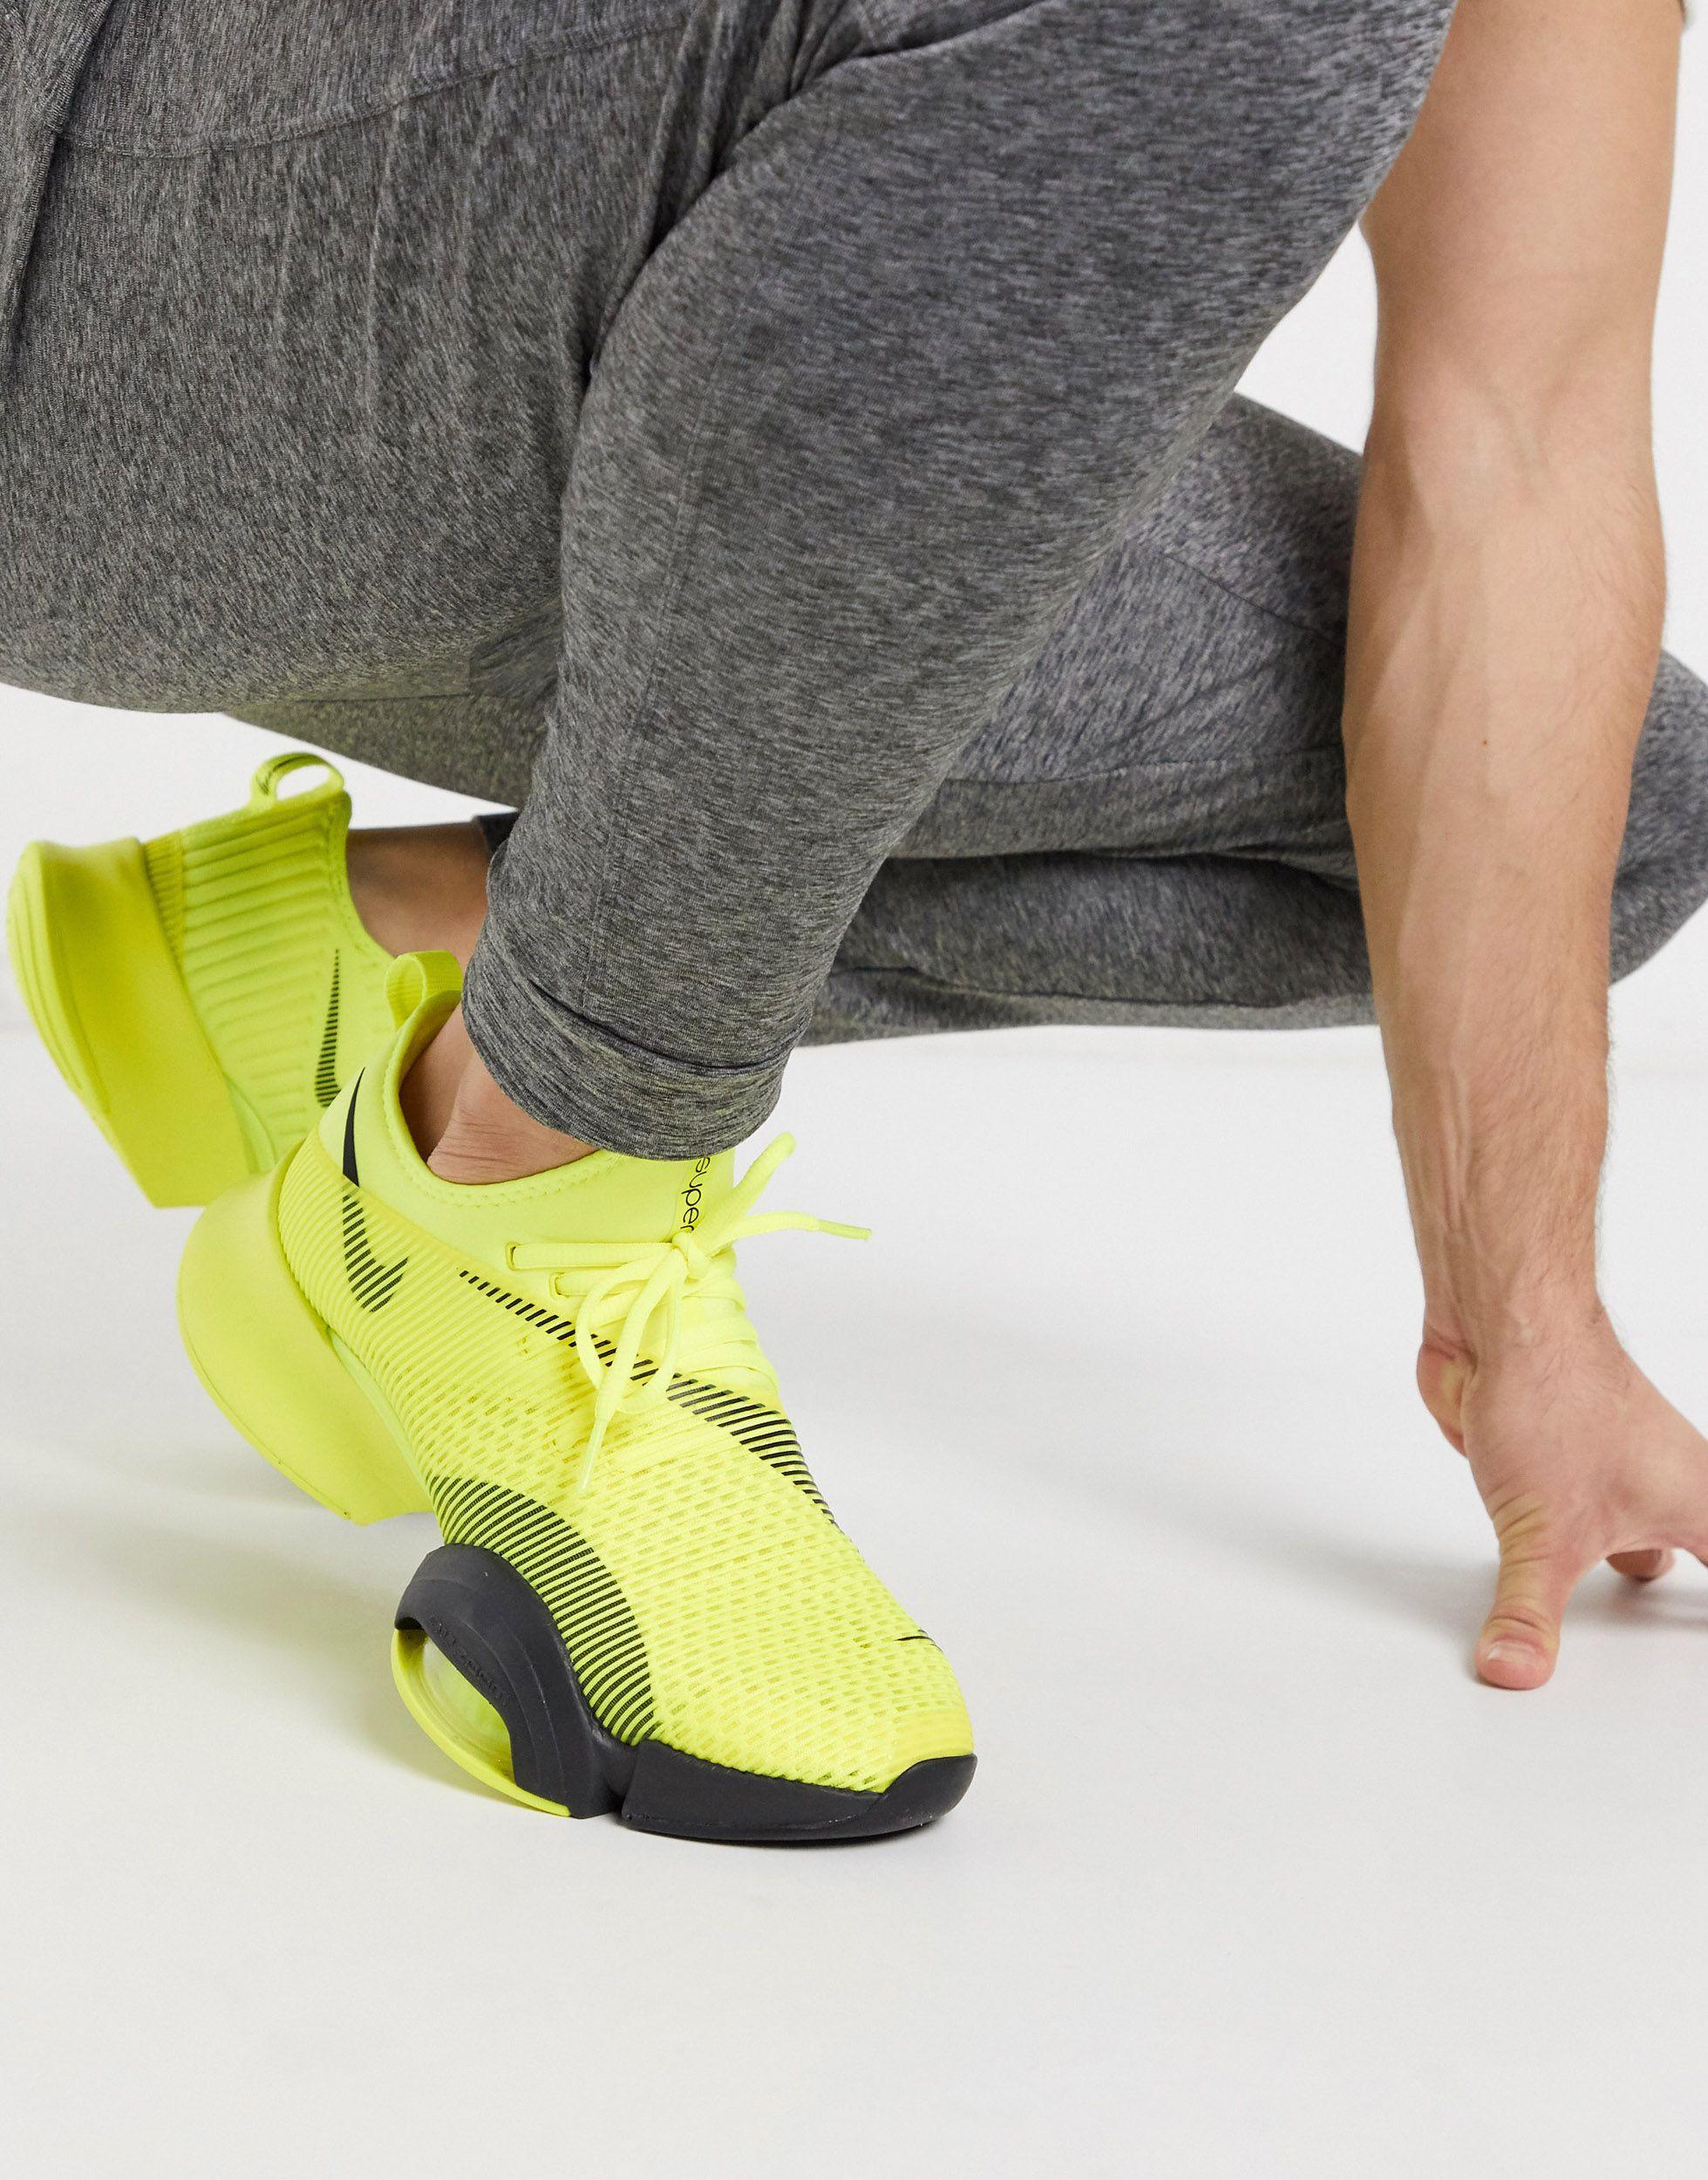 Nike Air Zoom Super Rep Sneakers in Yellow for Men - Lyst